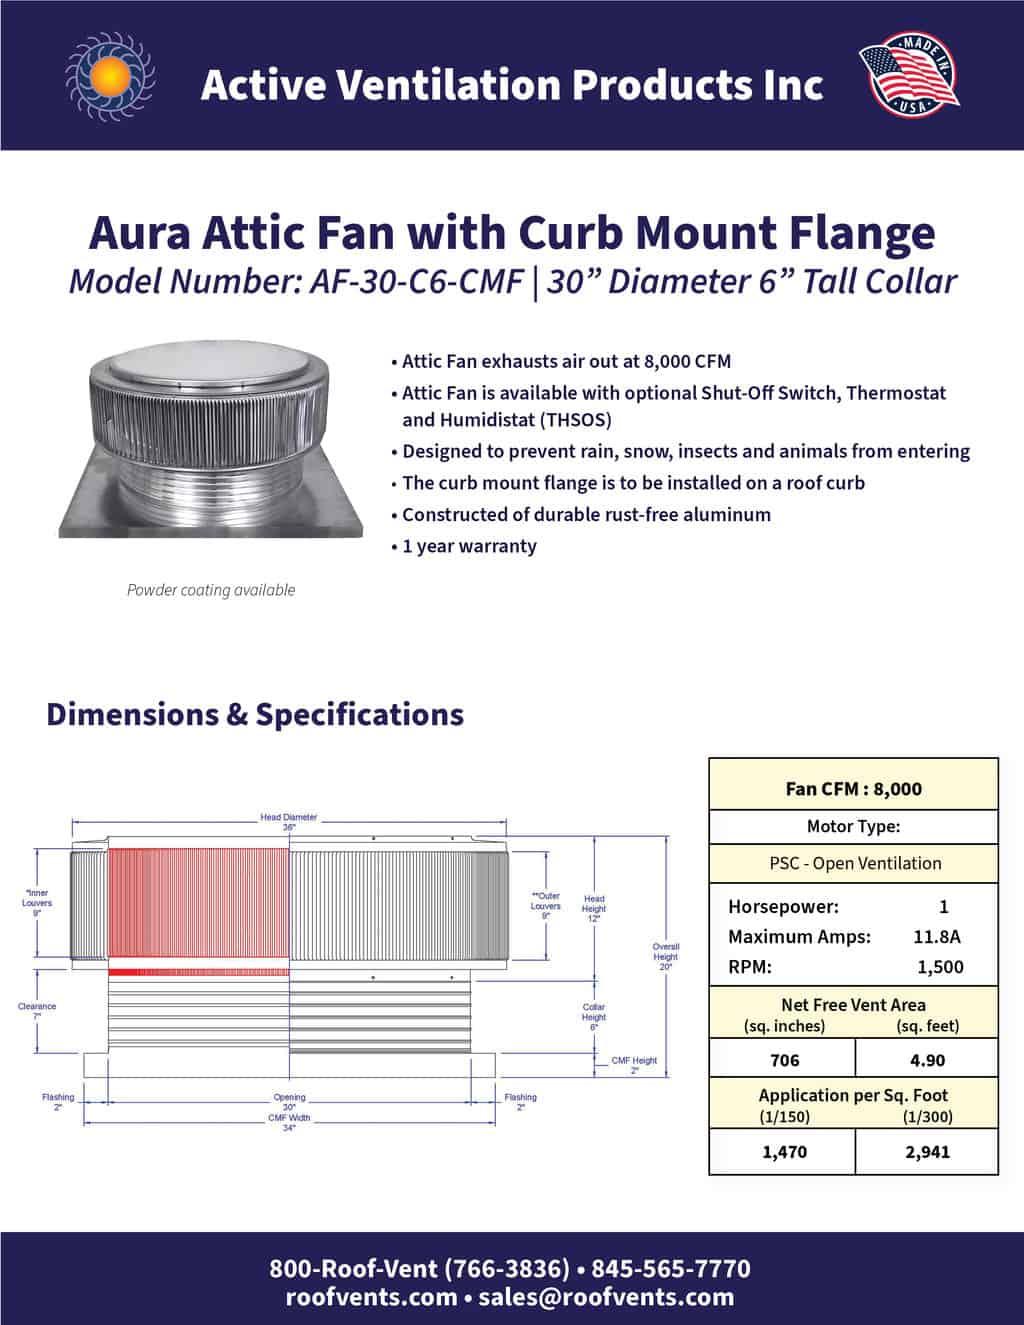 AF-30-C6-CMF-brochure An Exhaust Attic Fan